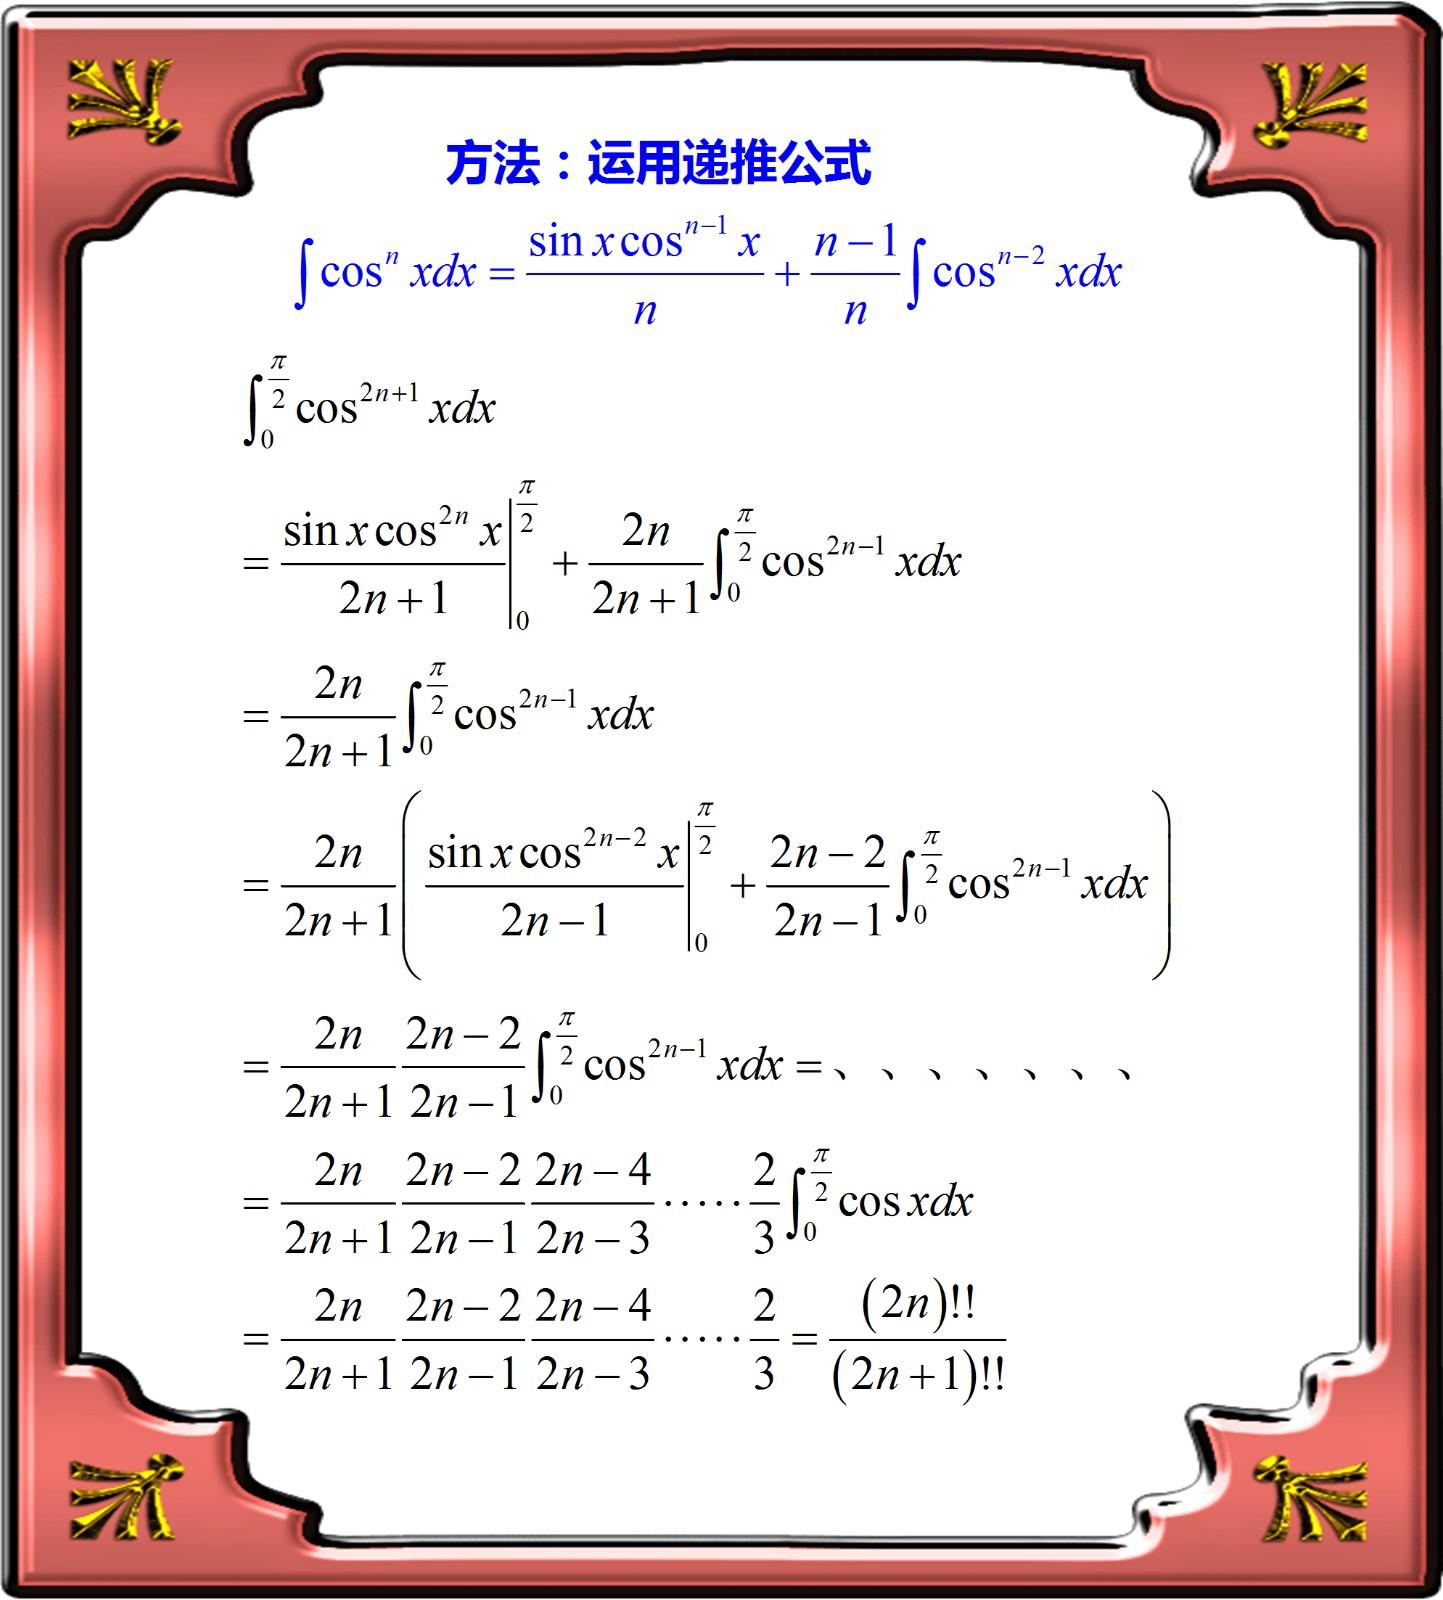 百度知道怎么得积分_三角函数的n次幂的积分公式咋来的请问这个公式怎么得_百度知道